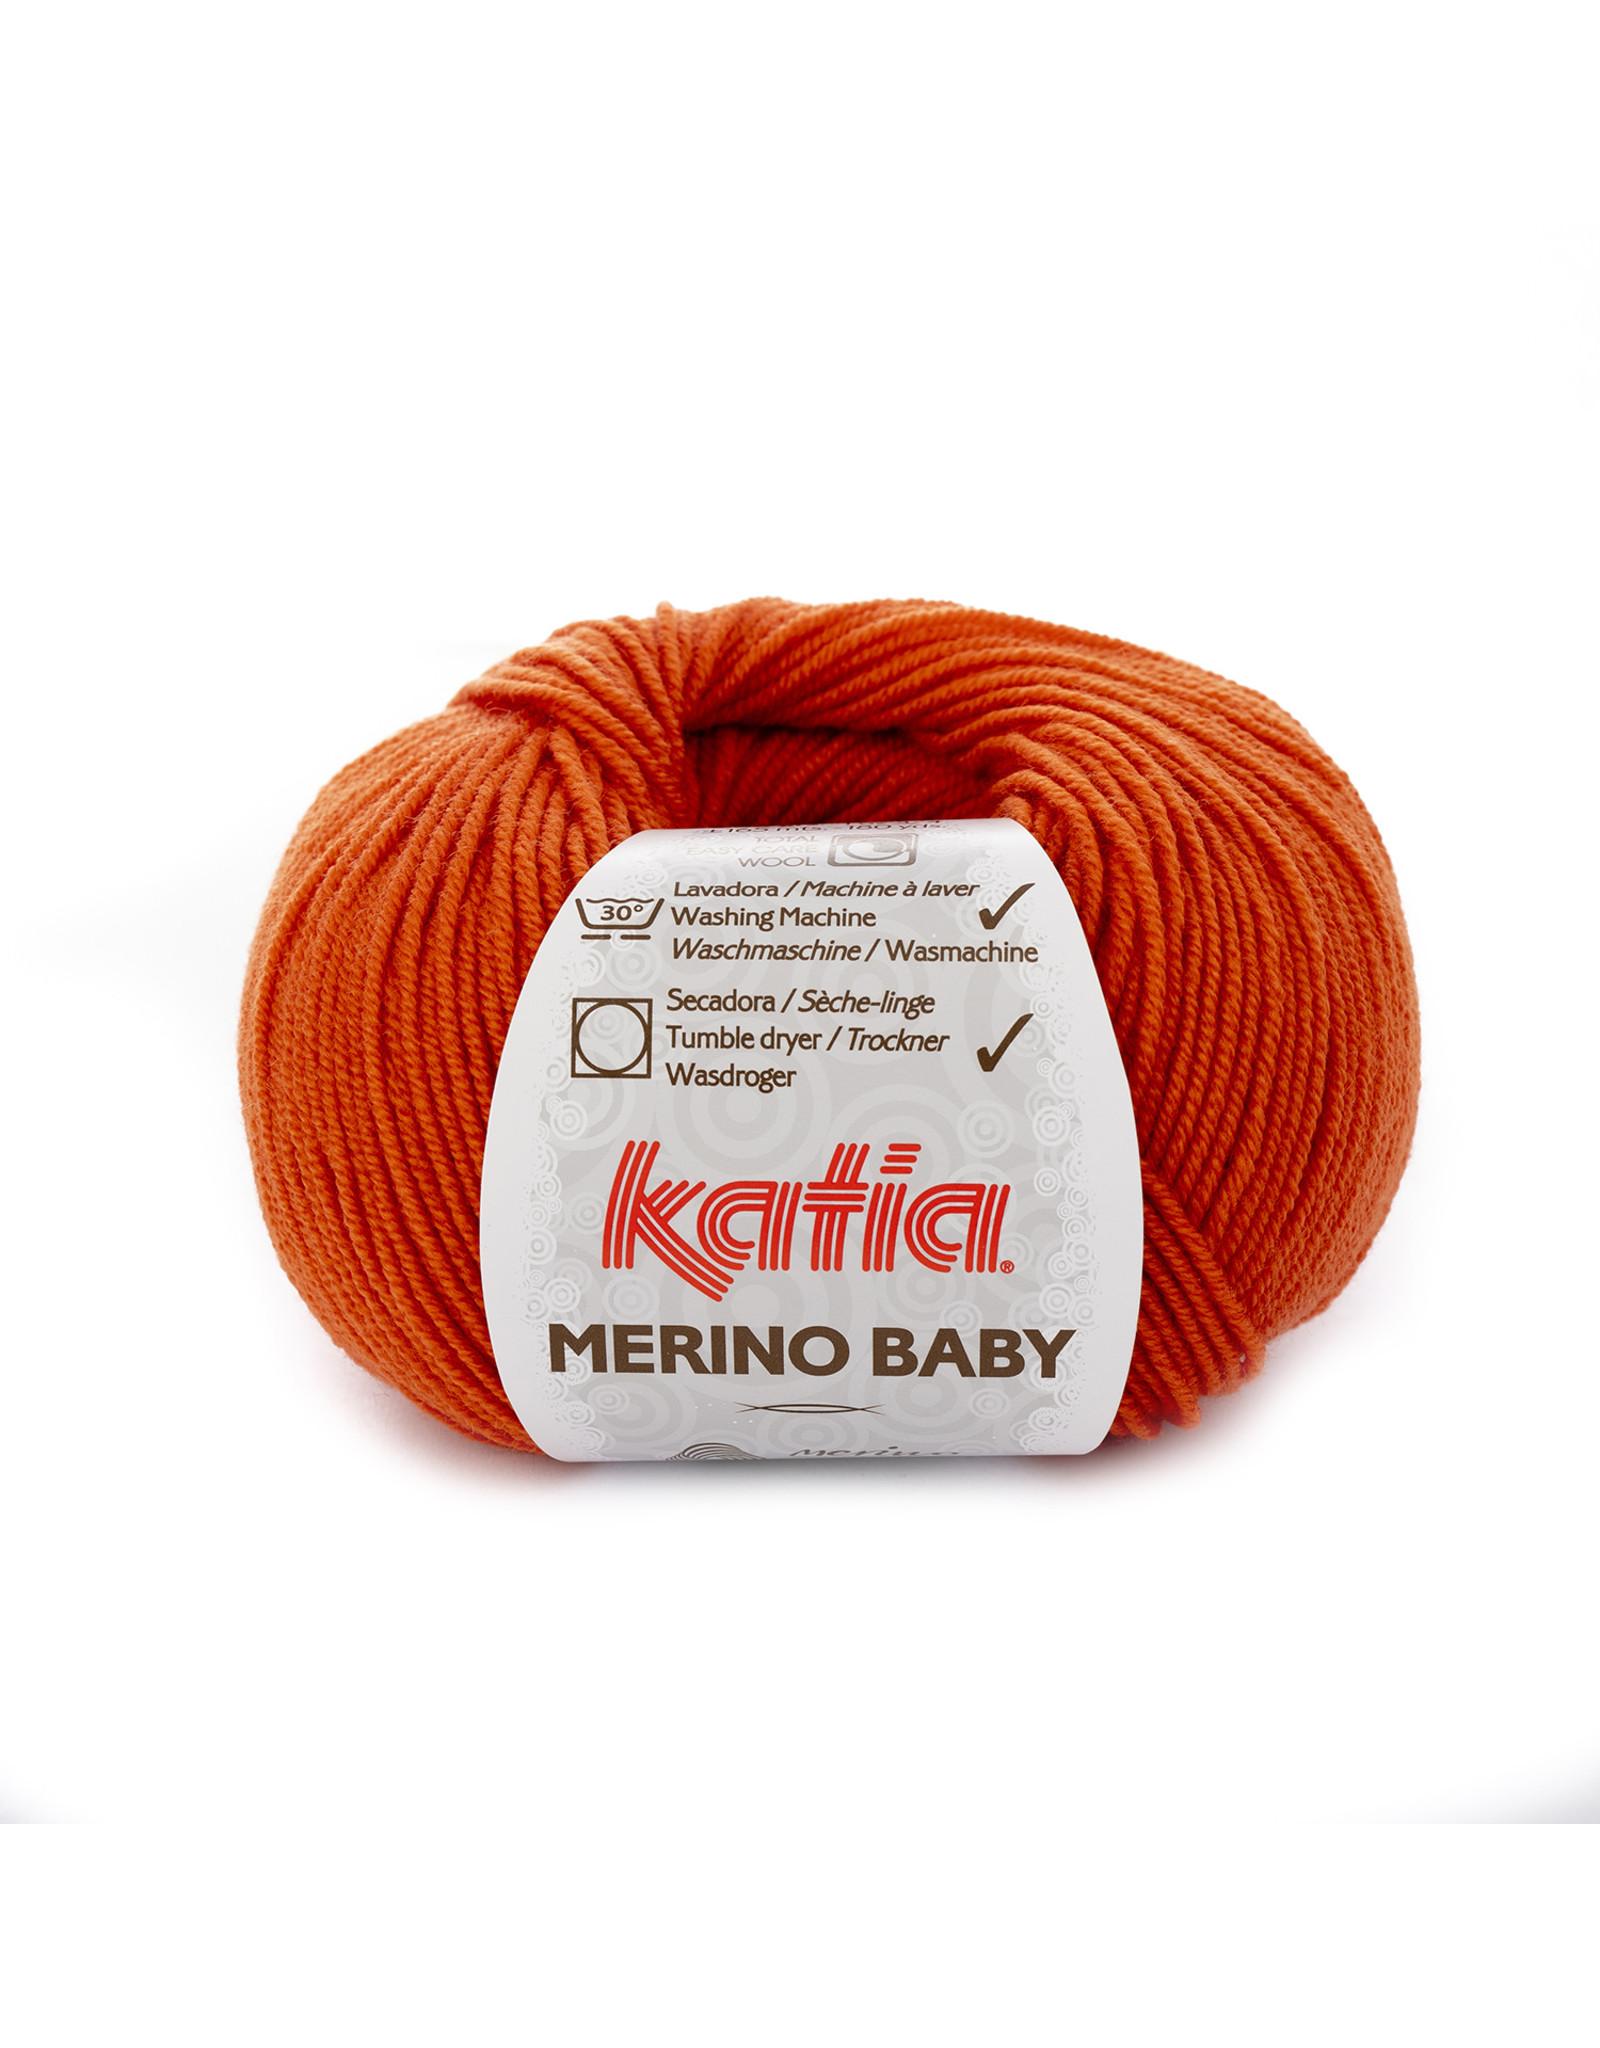 Katia Katia Merino Baby - 49 oranje - 50 gr. = 165 m.